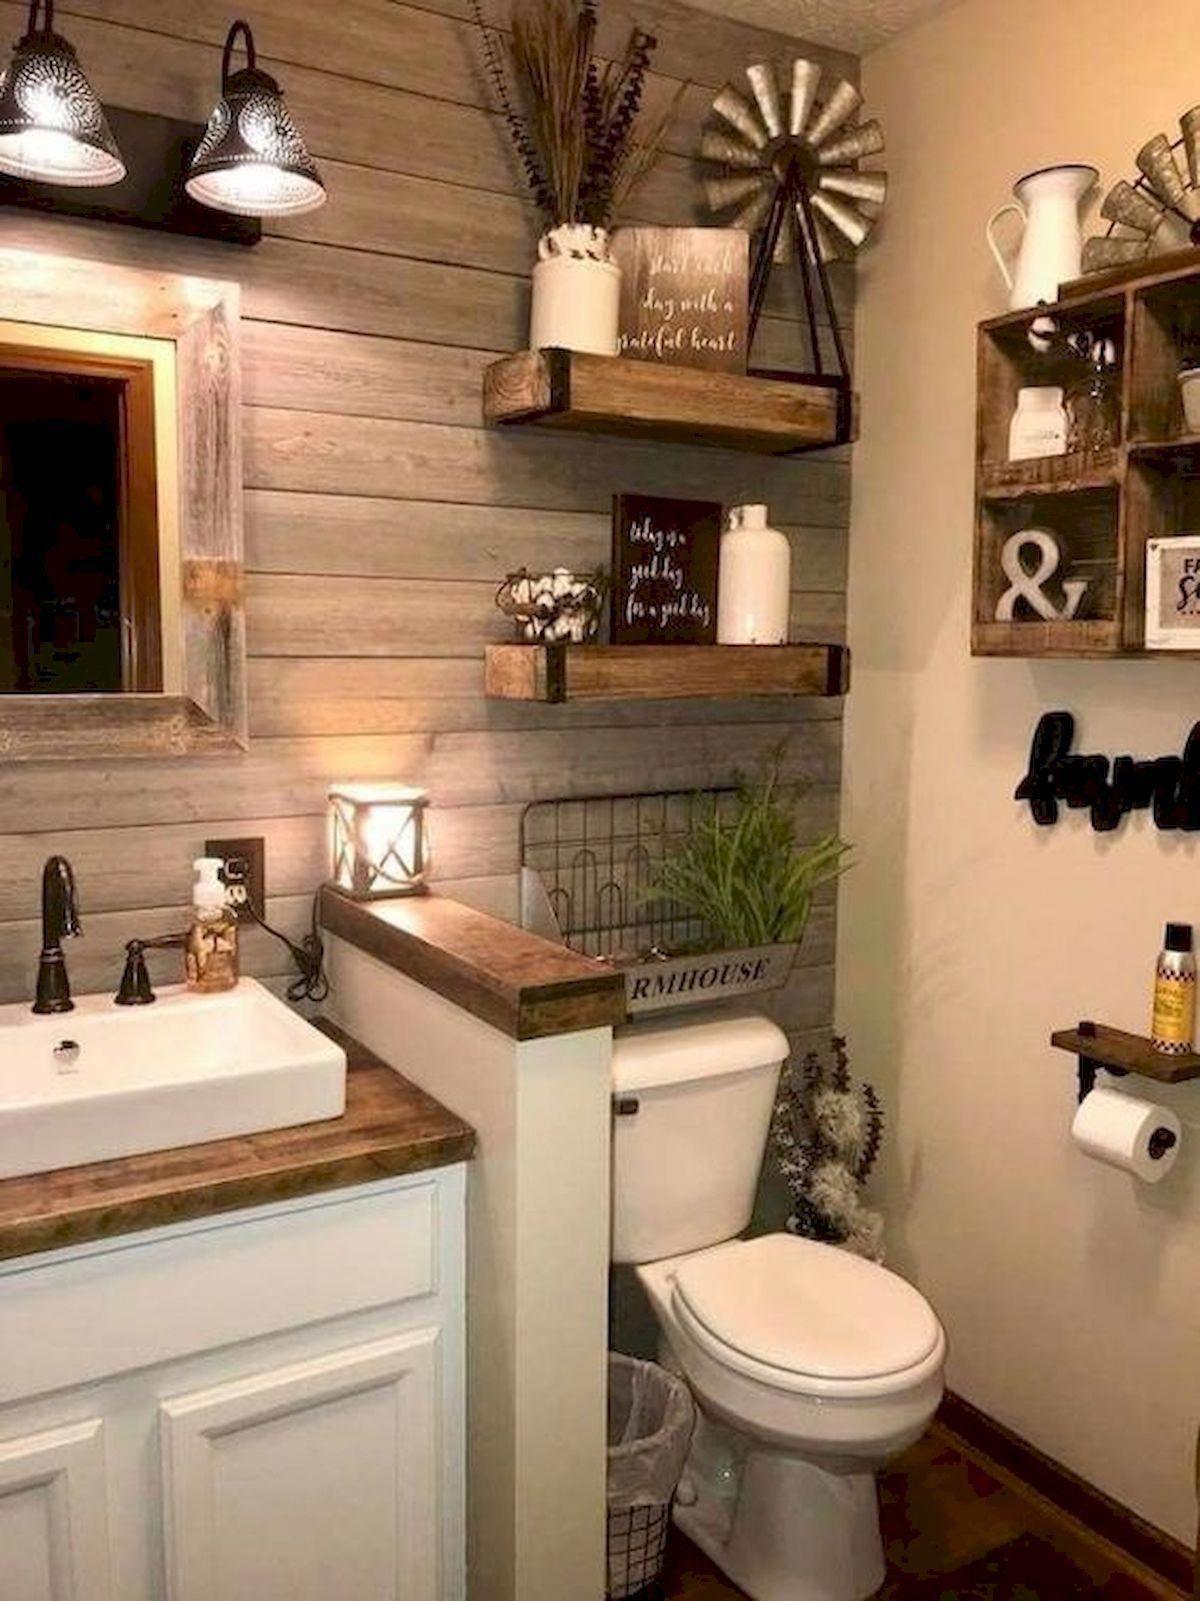 Small Bathroom Designs In 2020 Rustic Bathroom Decor Bathroom Design Small Diy Bathroom Decor